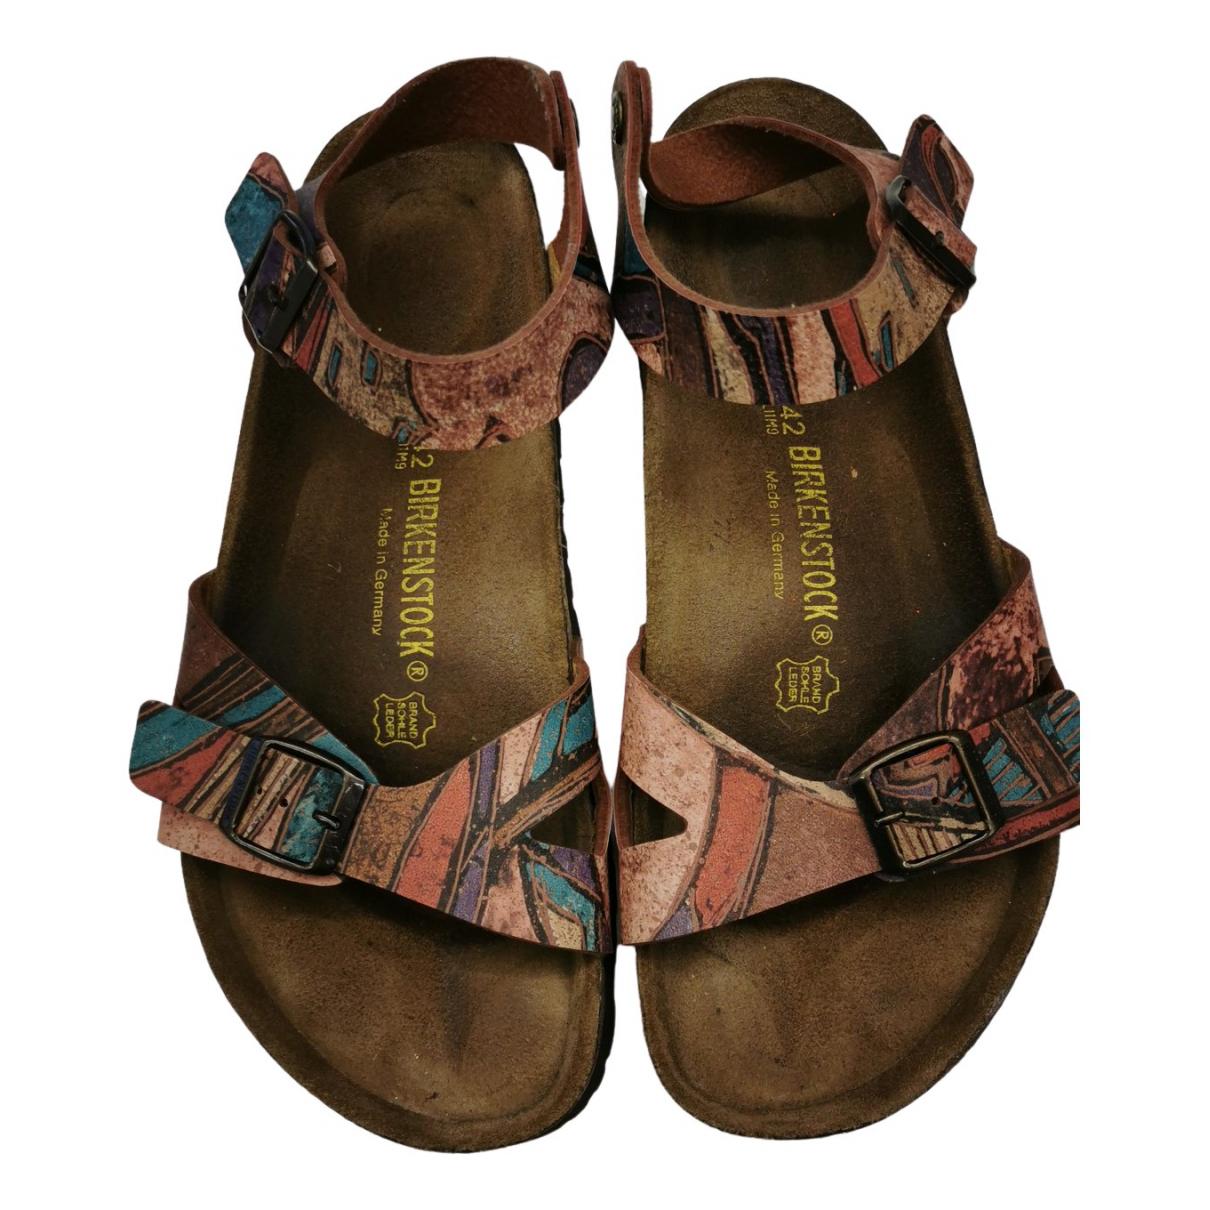 Sandalias romanas de Cuero Birkenstock